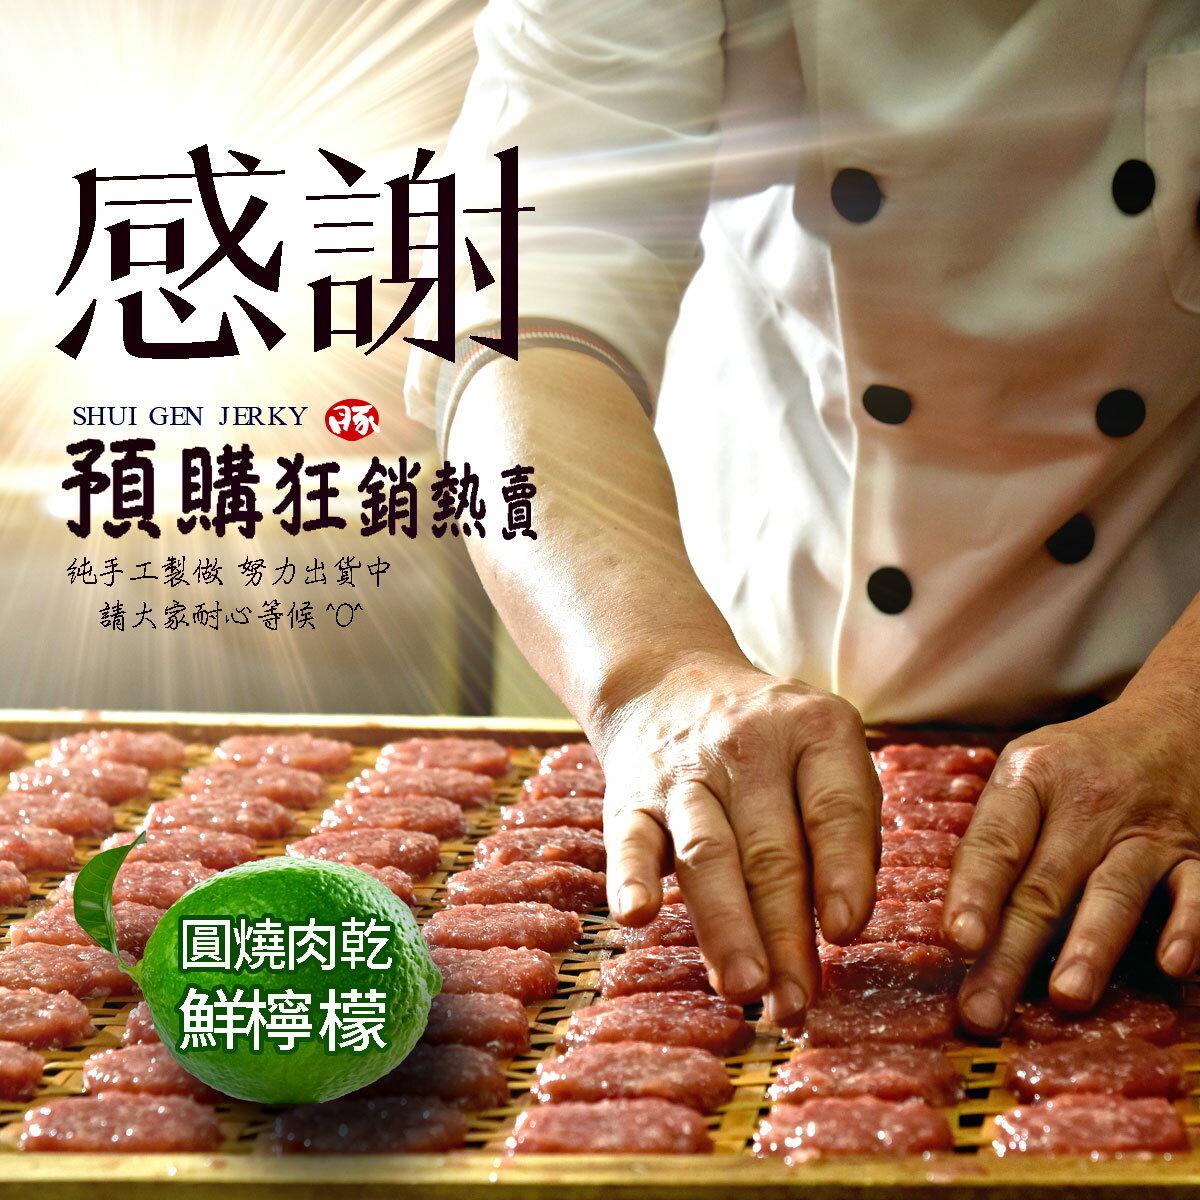 【超值清爽免運組】圓燒豬肉乾-鮮檸檬+條子豬肉乾-原味+ 嚴選檸檬豬肉絲★ 6